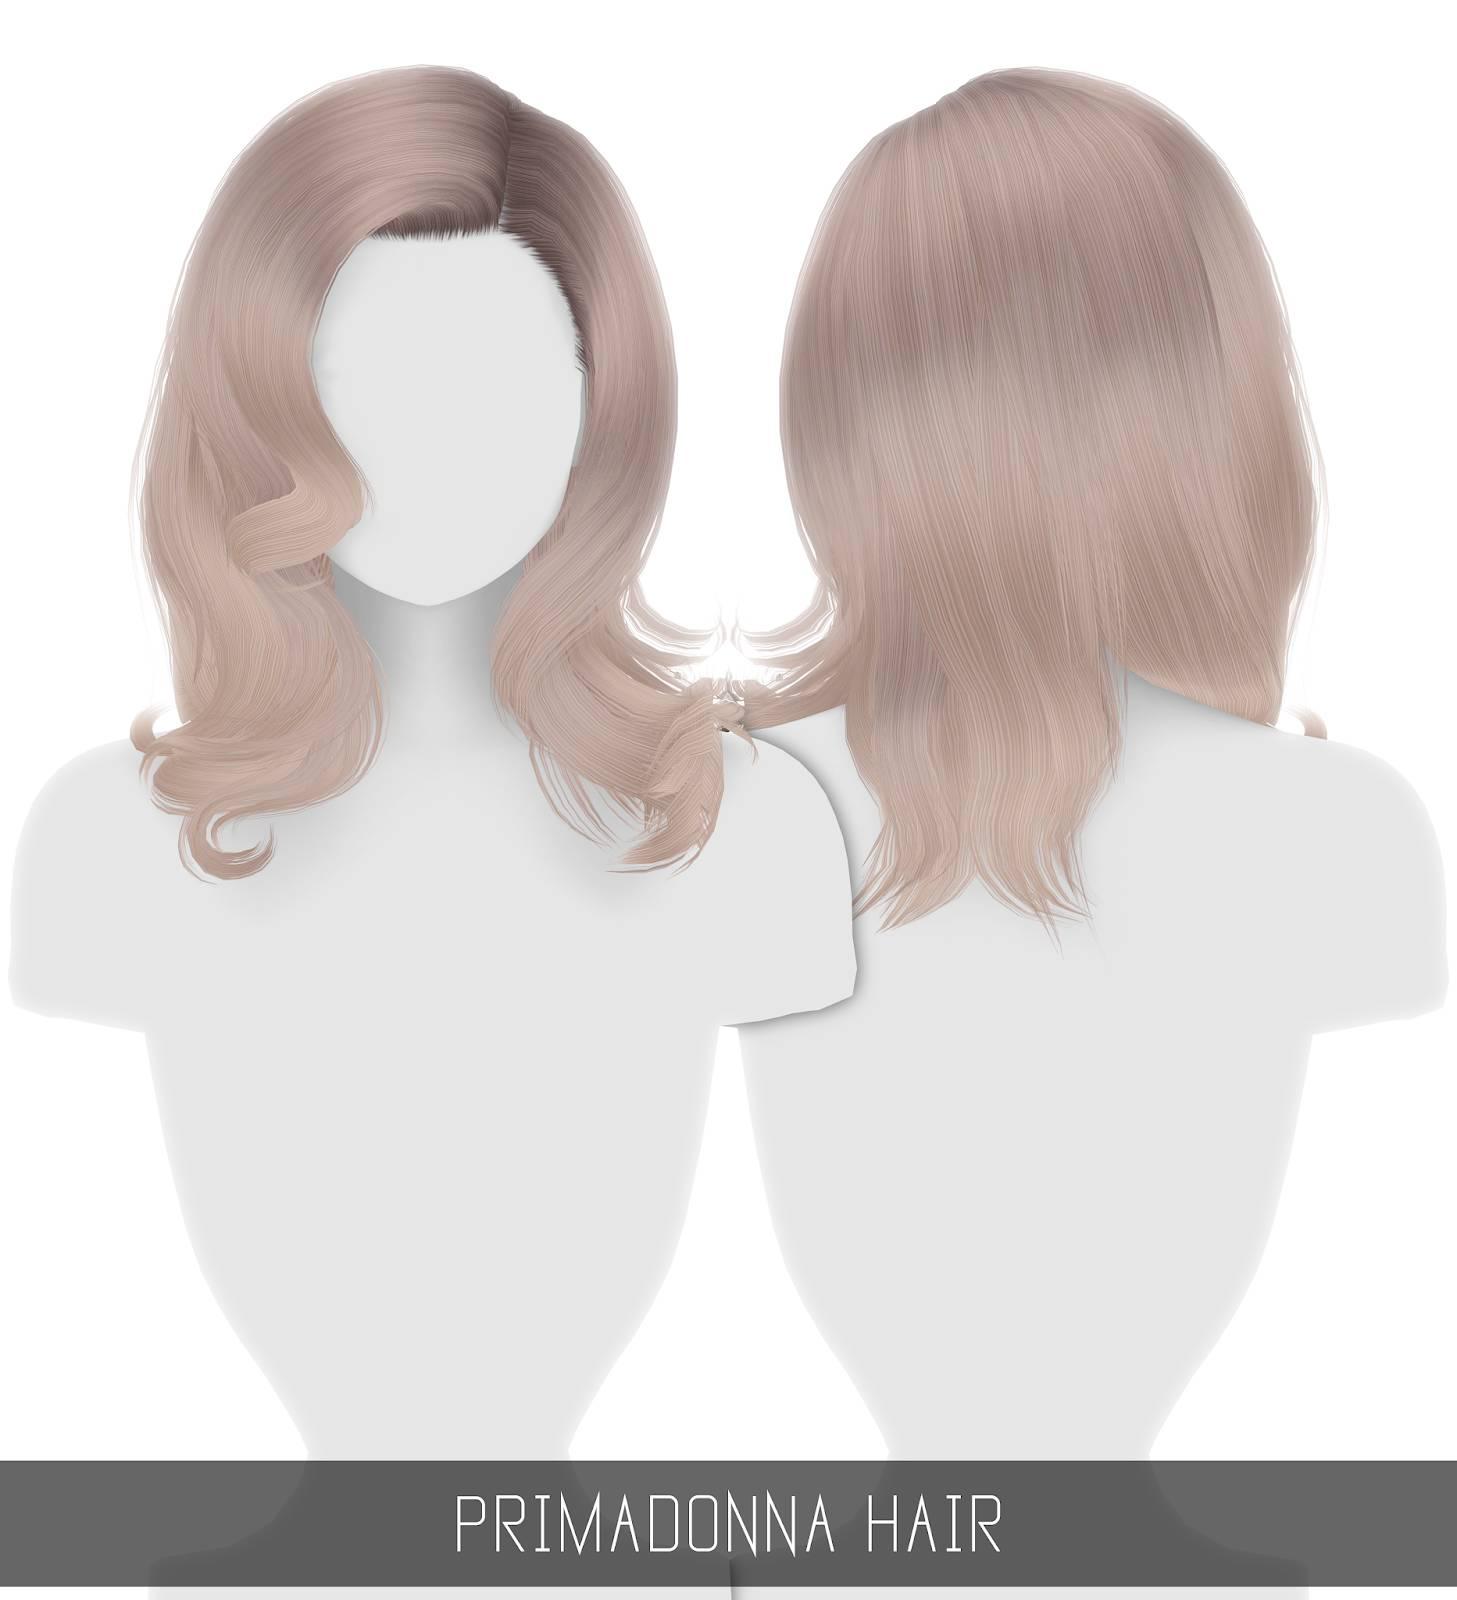 Прическа - PRIMADONNA HAIR